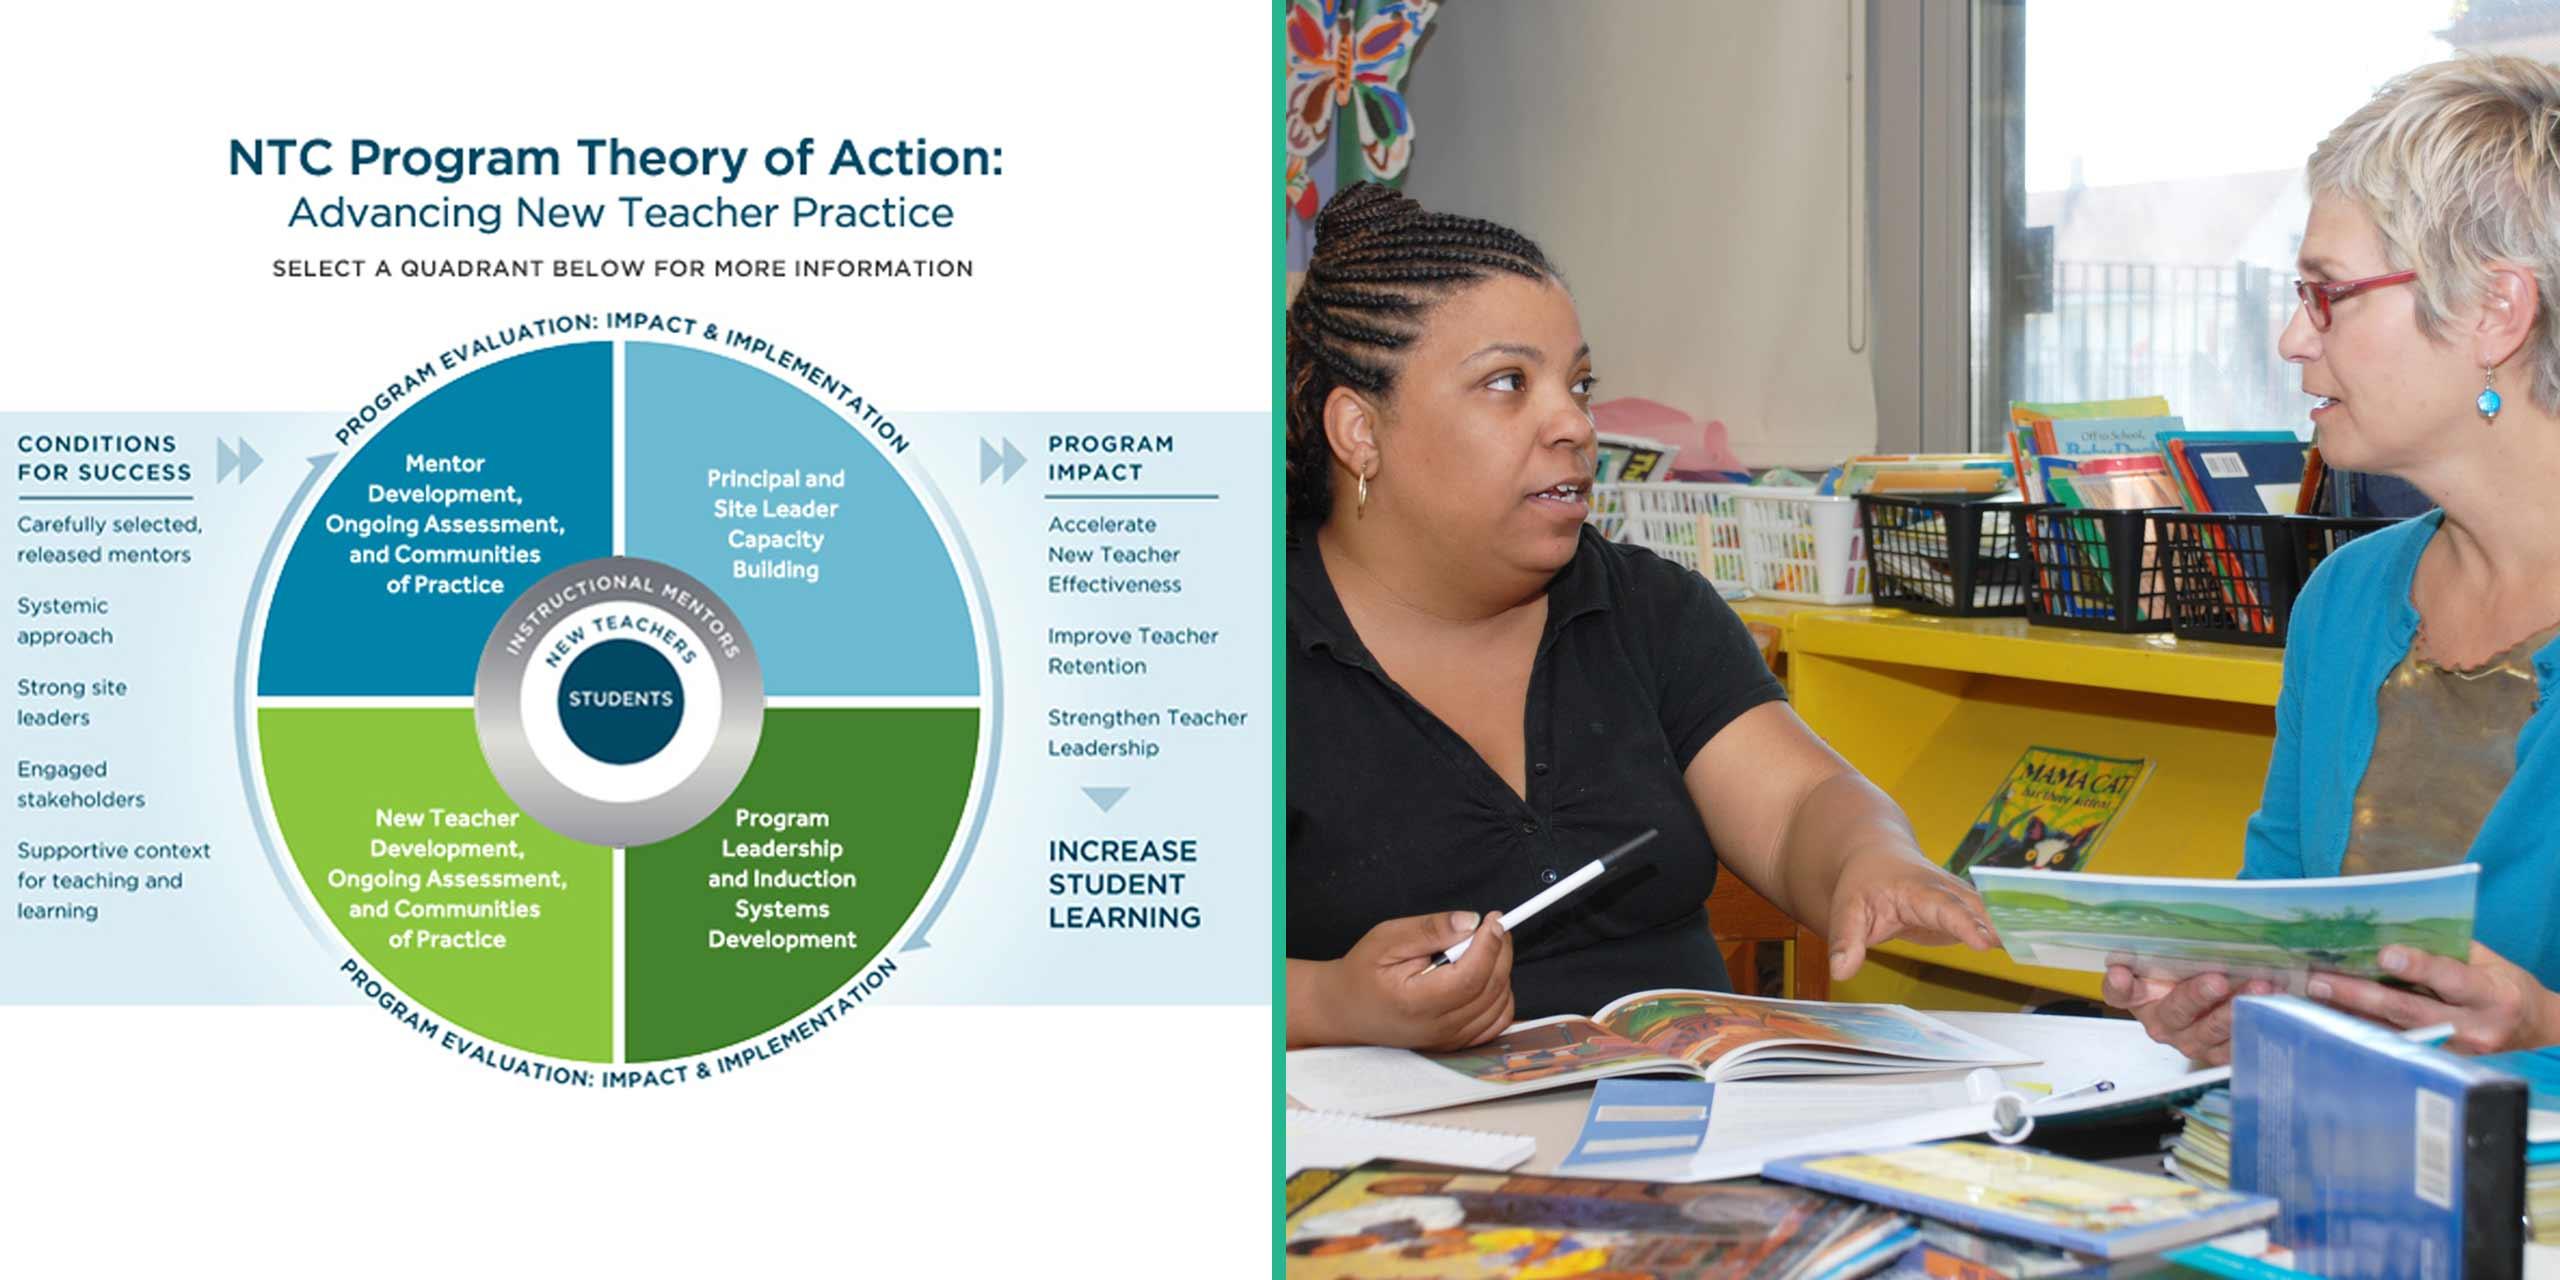 http://s12982.pcdn.co/wp-content/uploads/2014/02/new-teacher-center-sl2.jpg